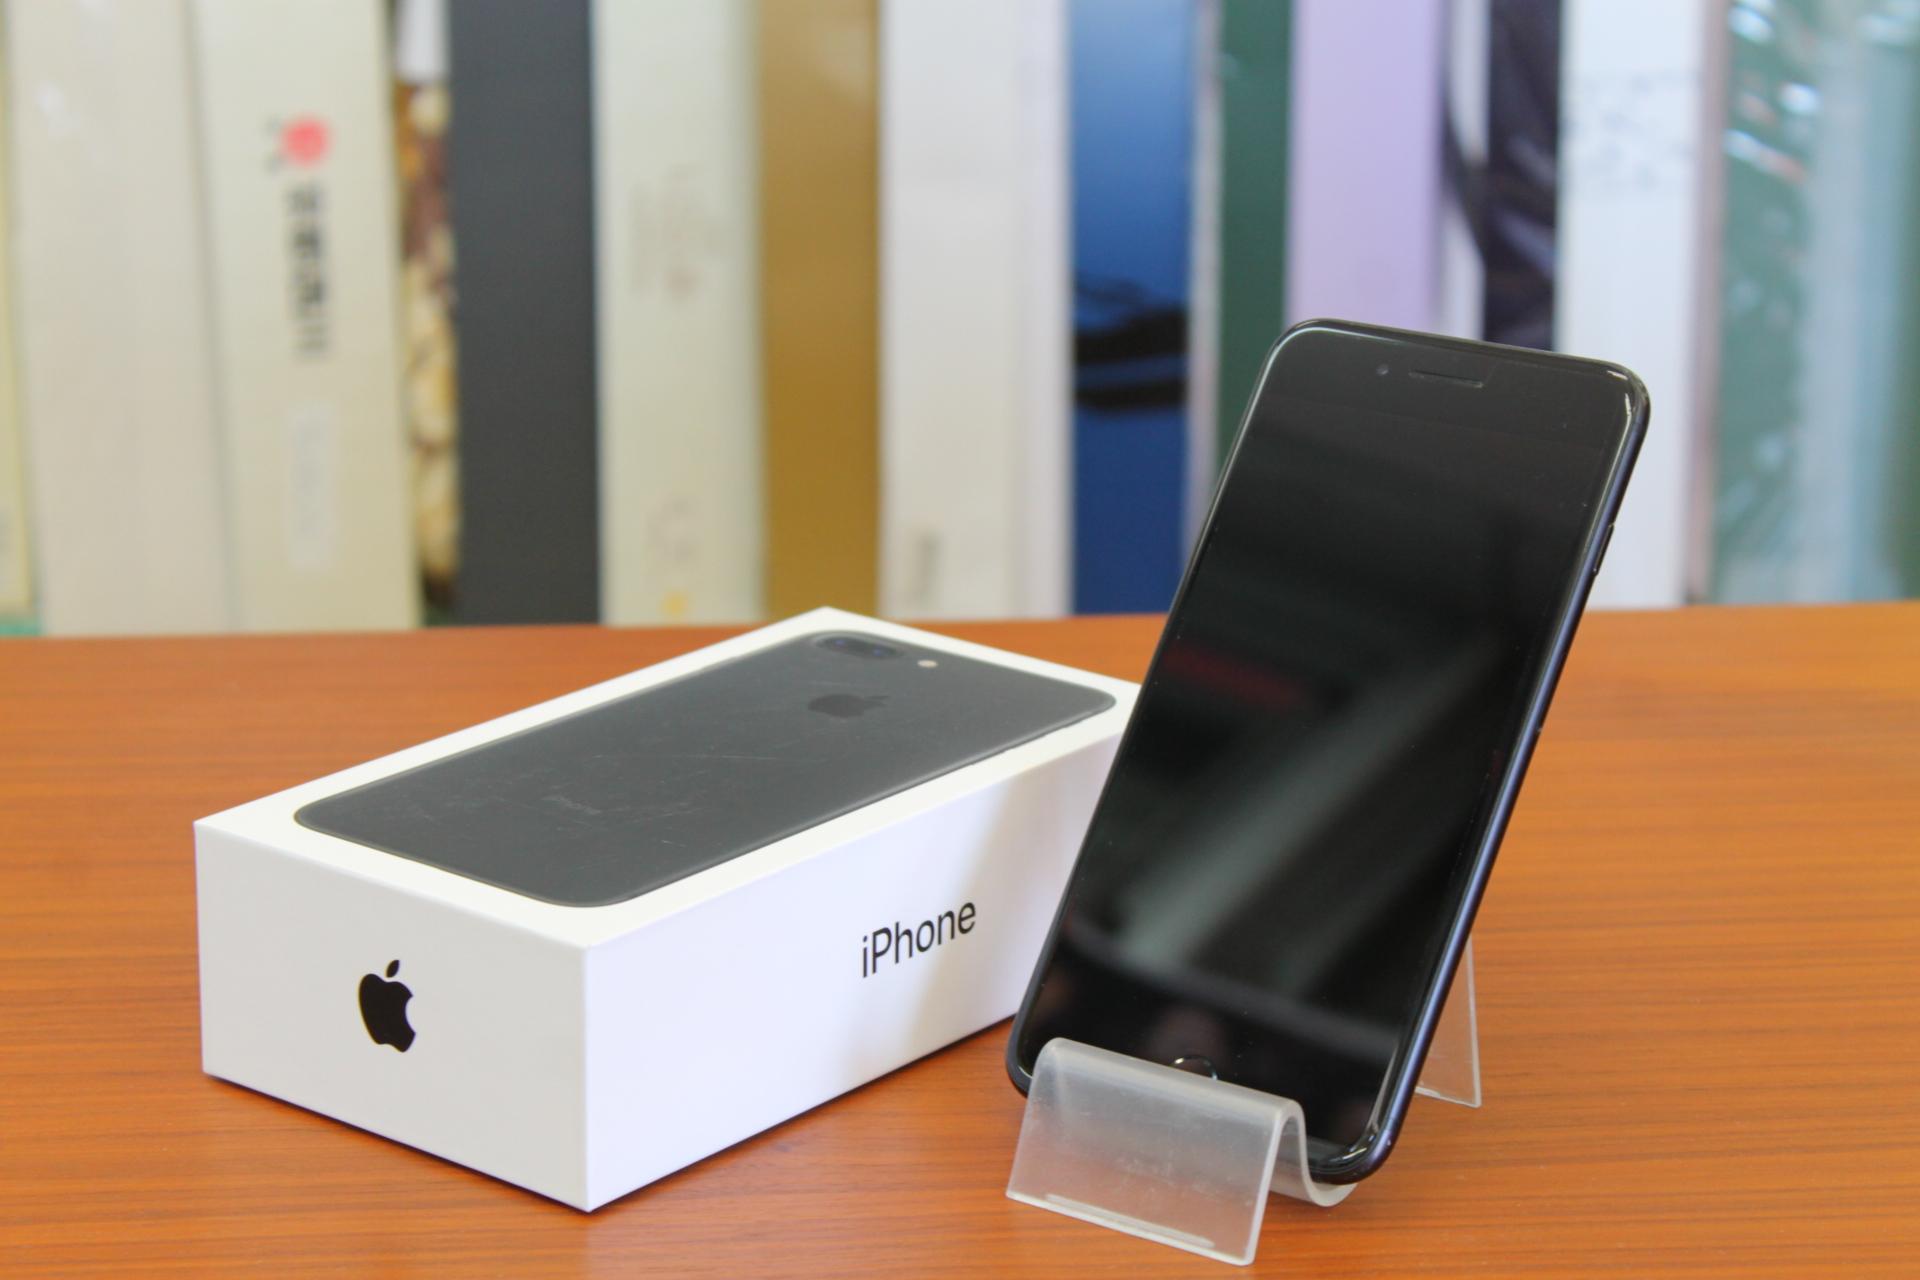 【Apple アップル iPhone7 Plus 256GB docomo ドコモ 白ロム 箱付】を買取させて頂きました!の買取-